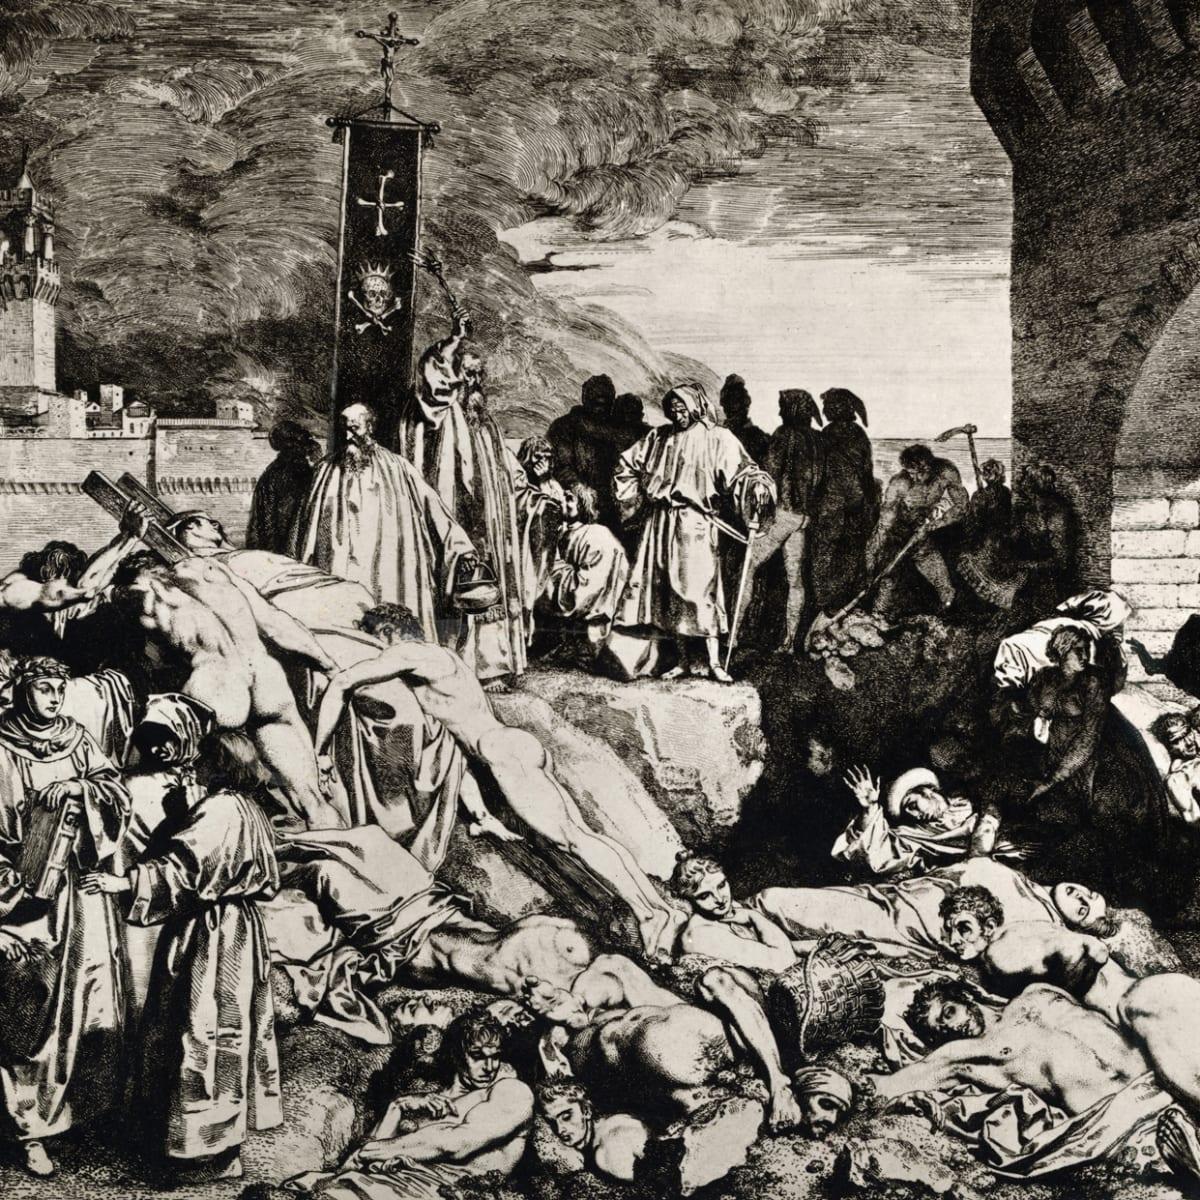 মহামারী সংকলন-১ ( চীনের প্রাগৈতিহাসিক মহামারী)